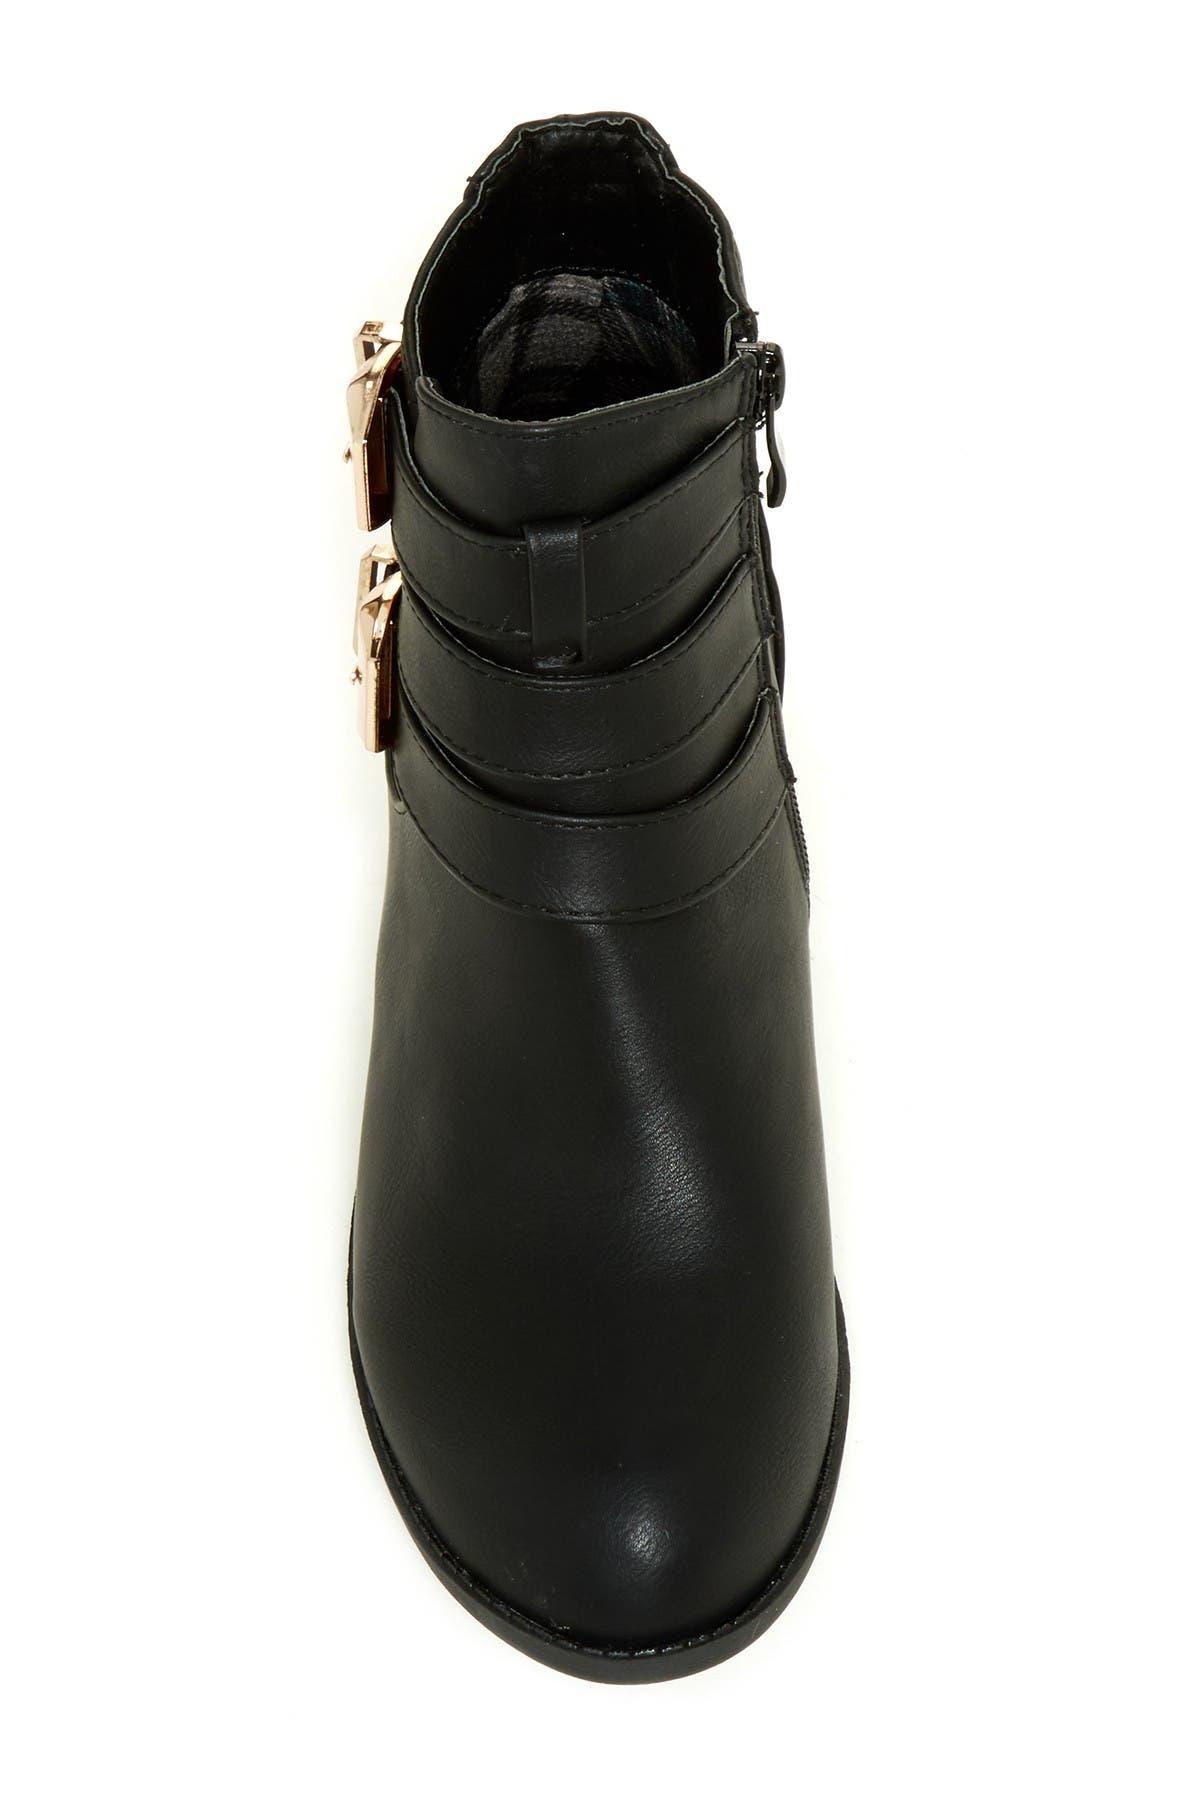 Image of Top Moda CL Buckle Bootie